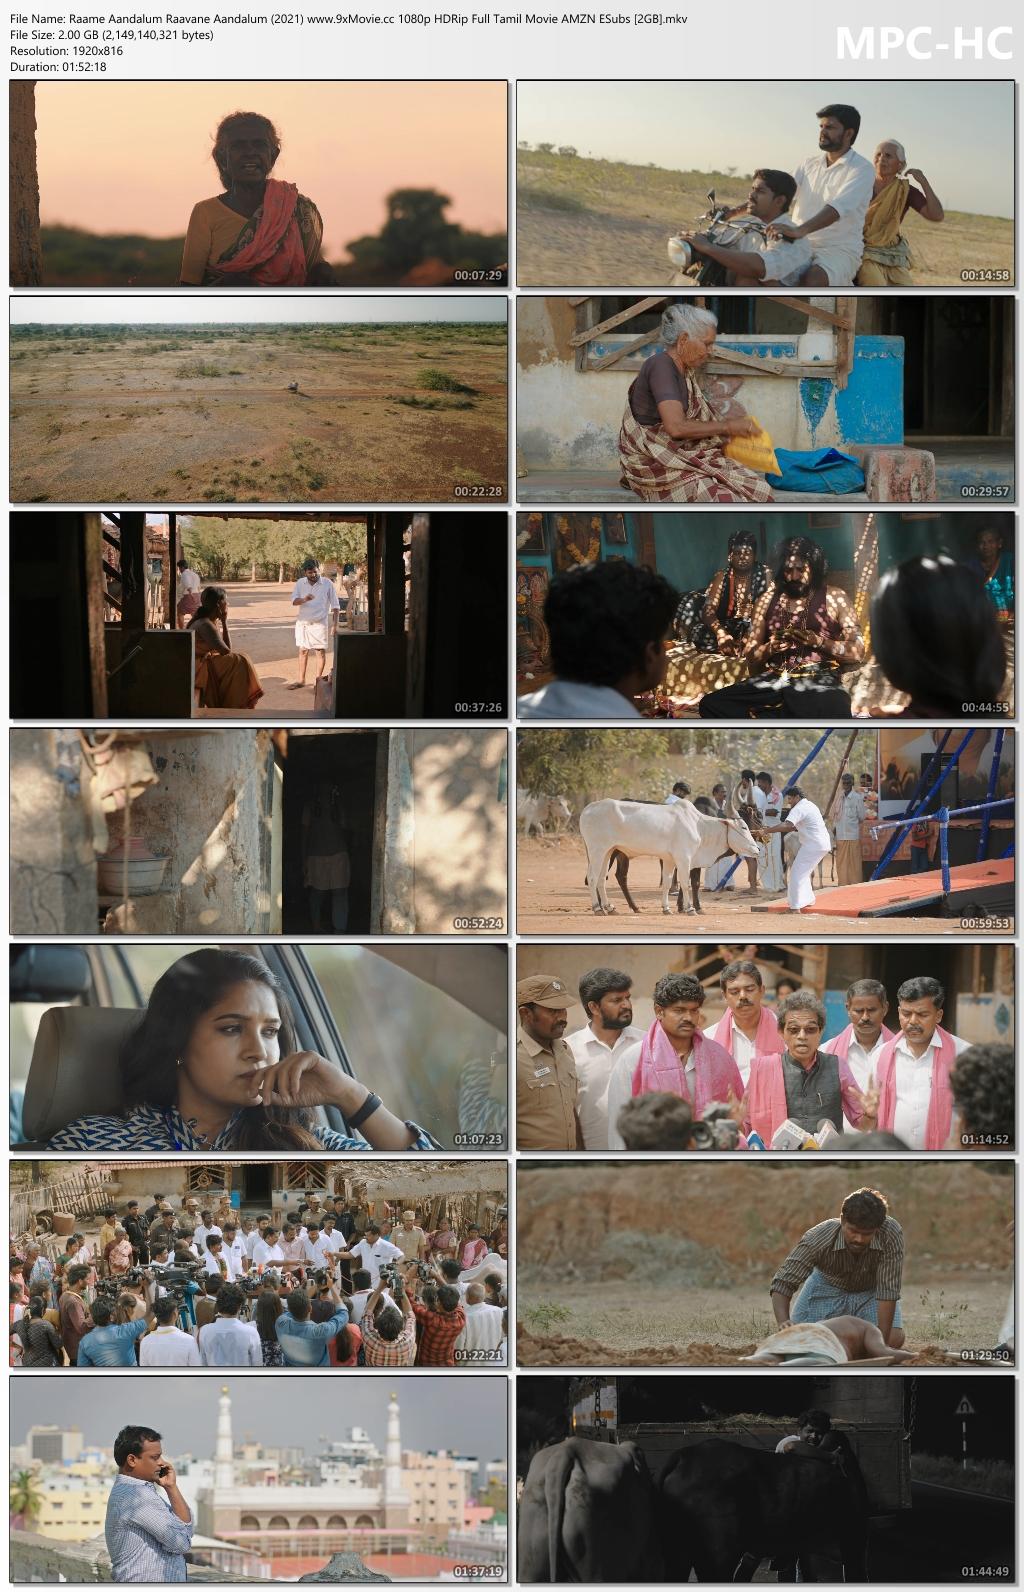 Raame-Aandalum-Raavane-Aandalum-2021-www-9x-Movie-cc-1080p-HDRip-Full-Tamil-Movie-AMZN-ESubs-2-GB-mk